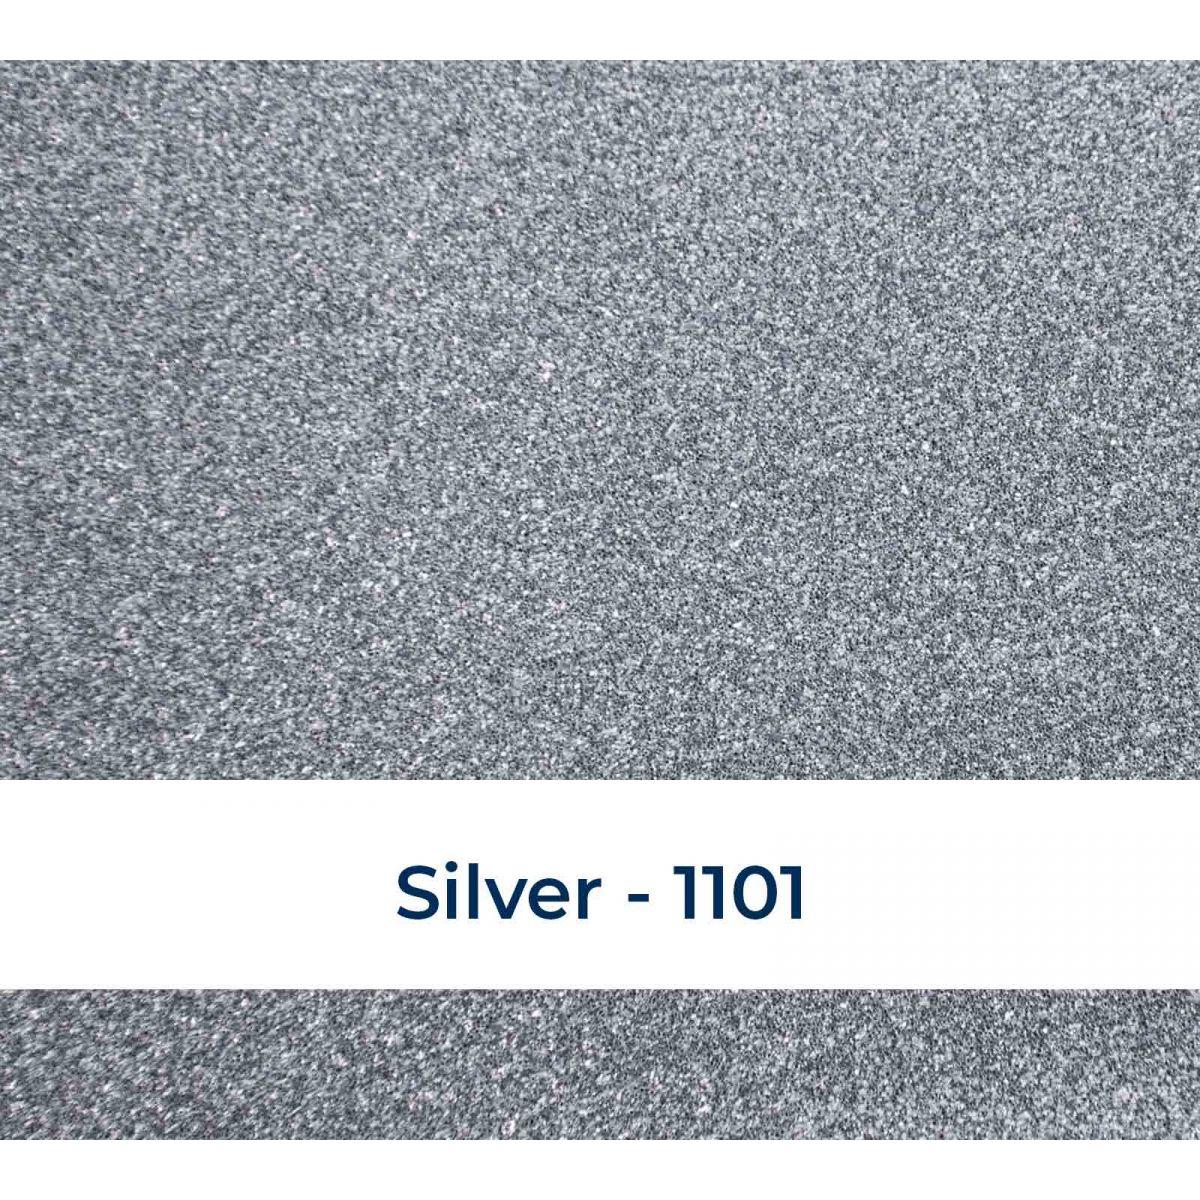 Galaxy Silver 1101